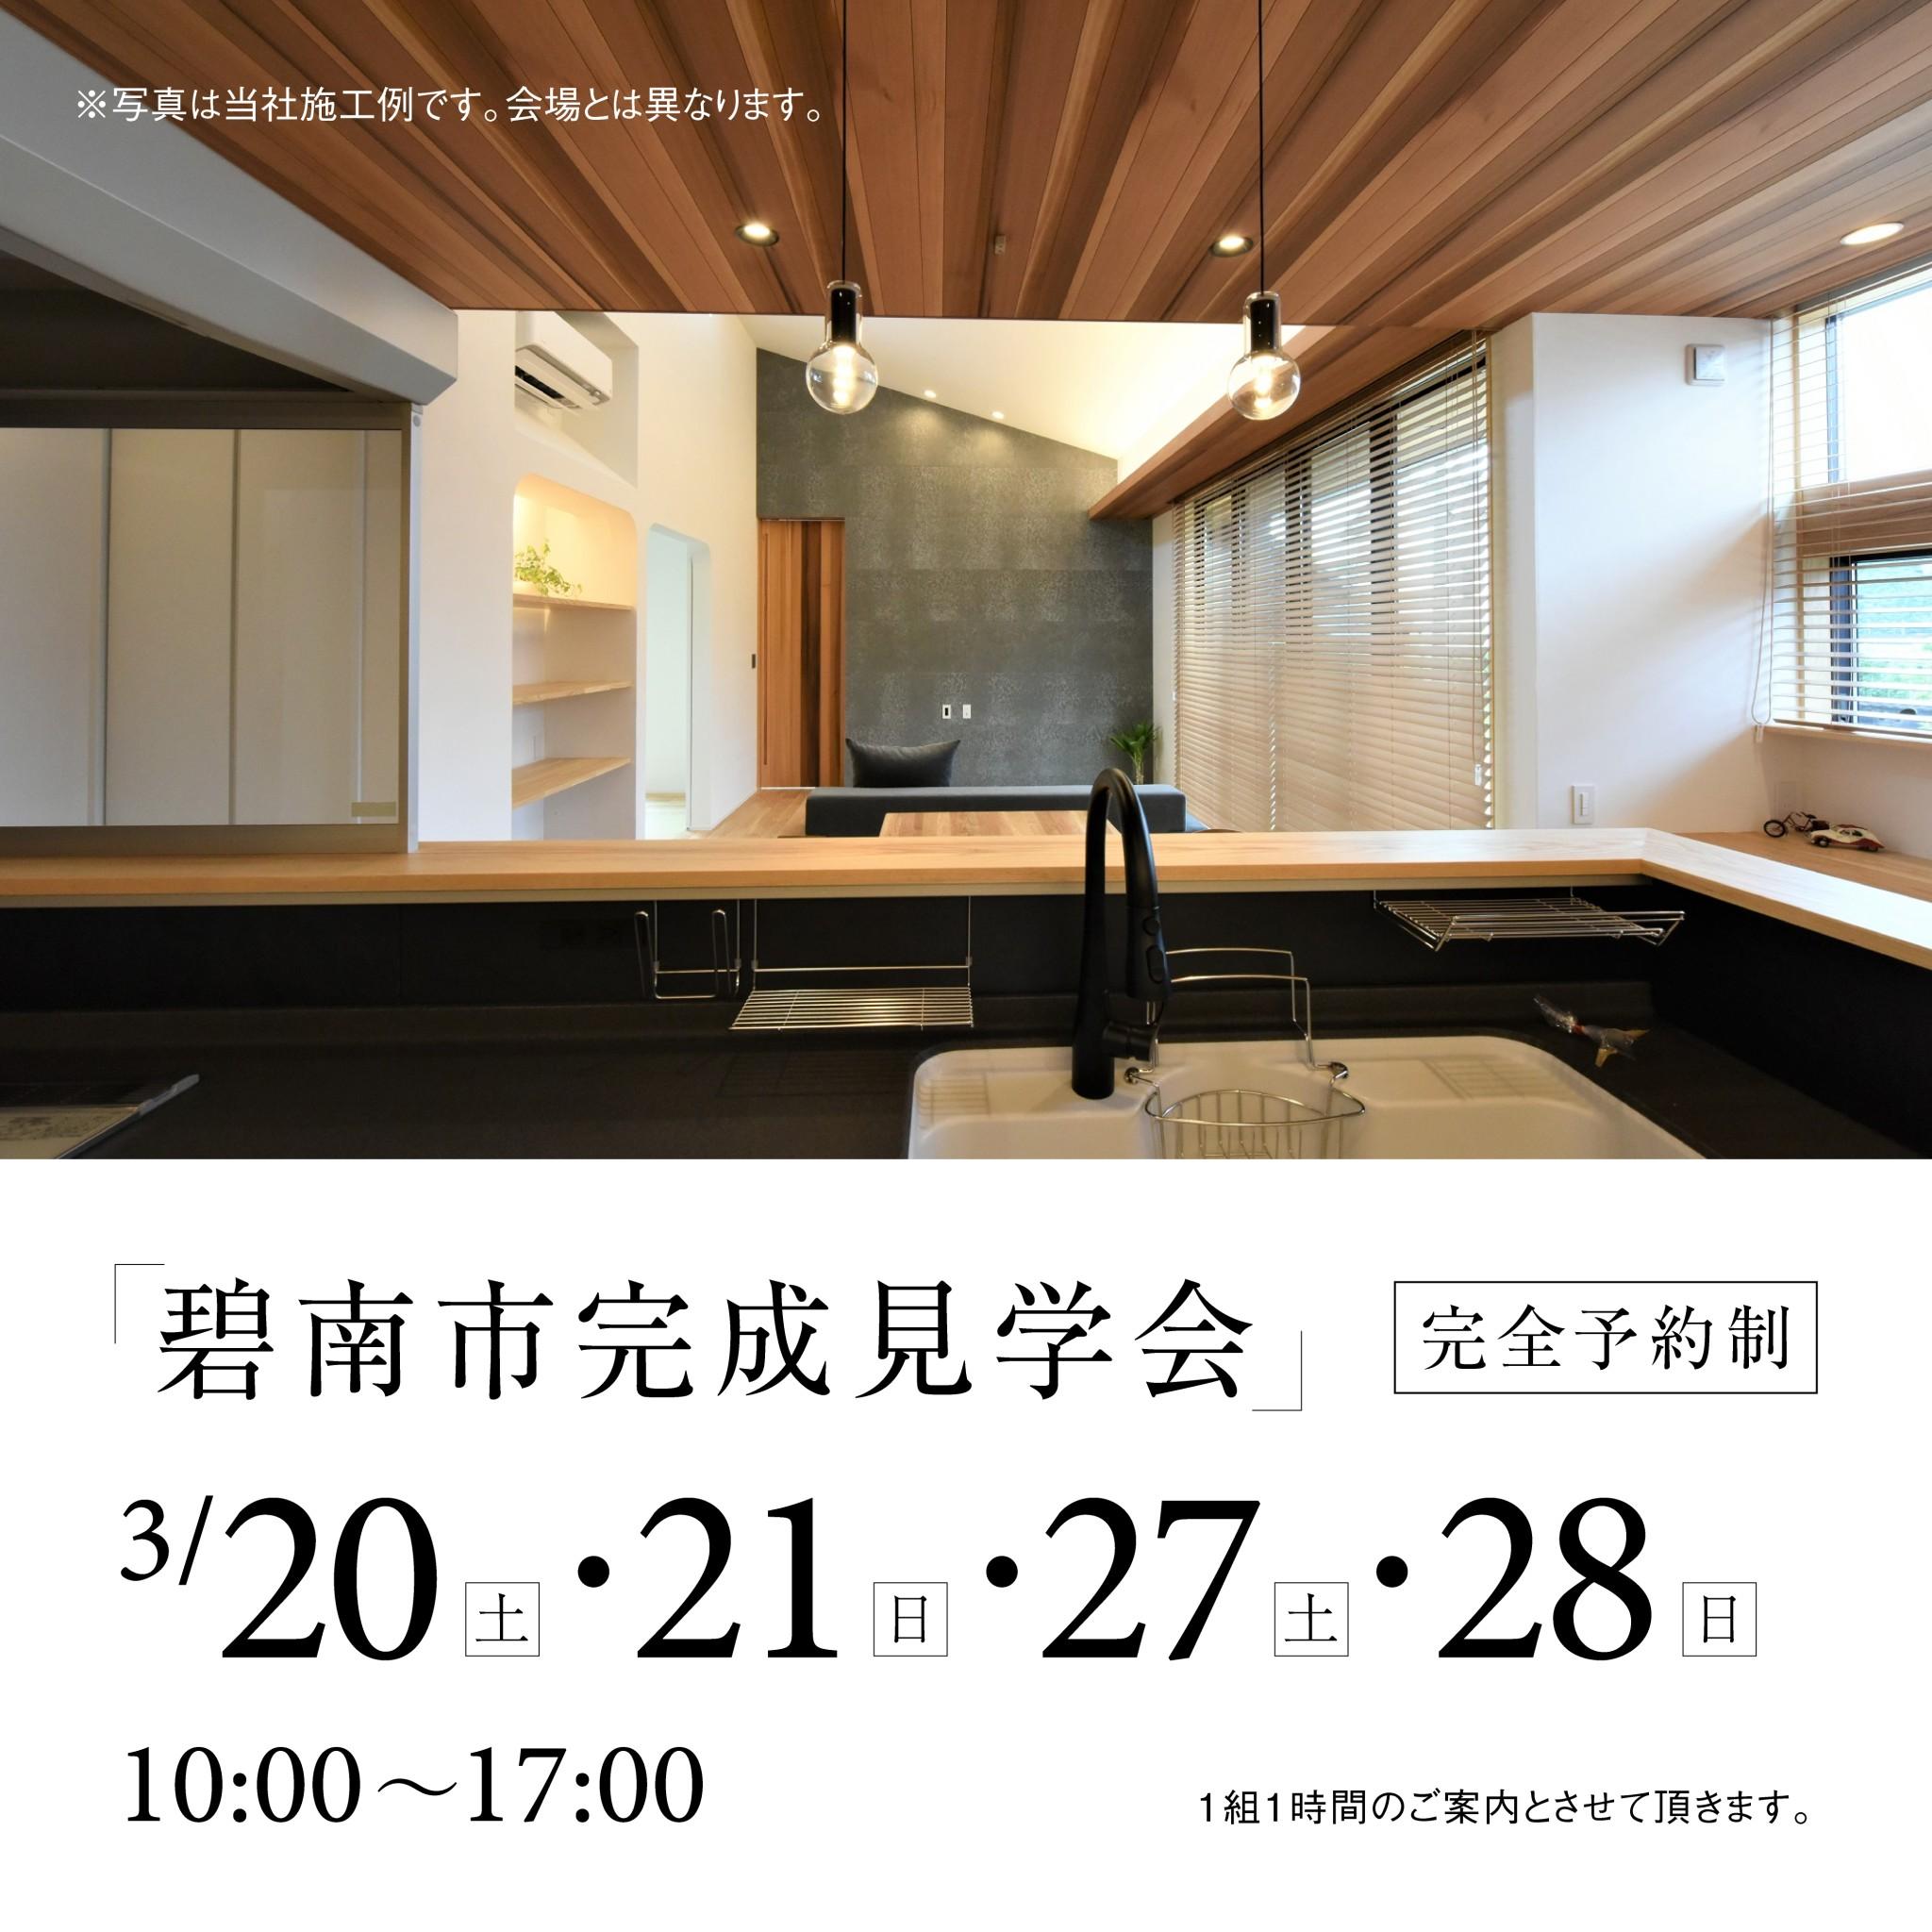 イベント情報更新しました<br /> 碧南市完成見学会【予約制】